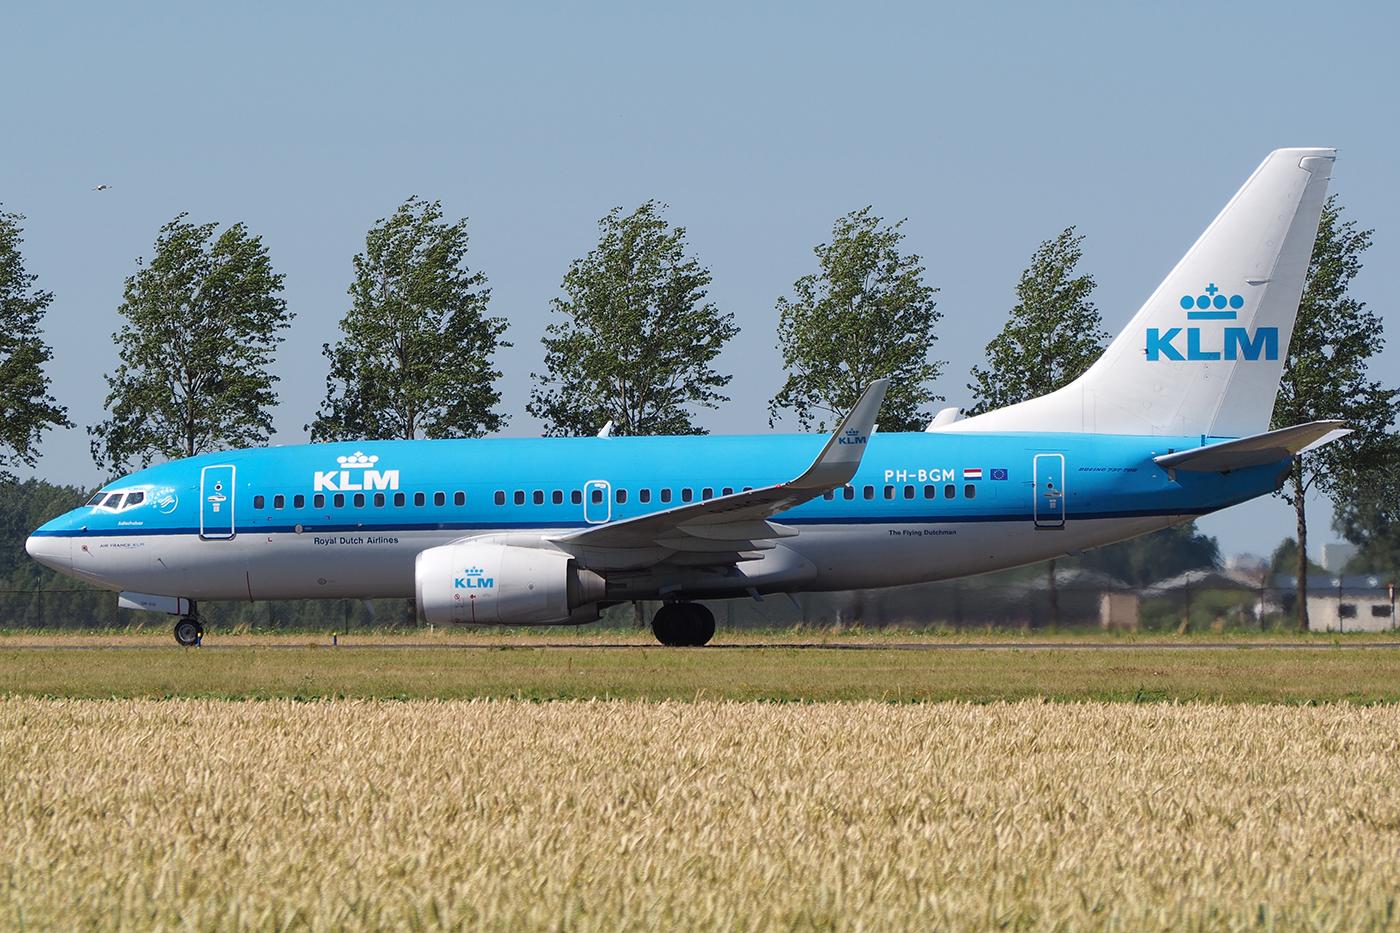 PH-BGM, KLM, B737-700